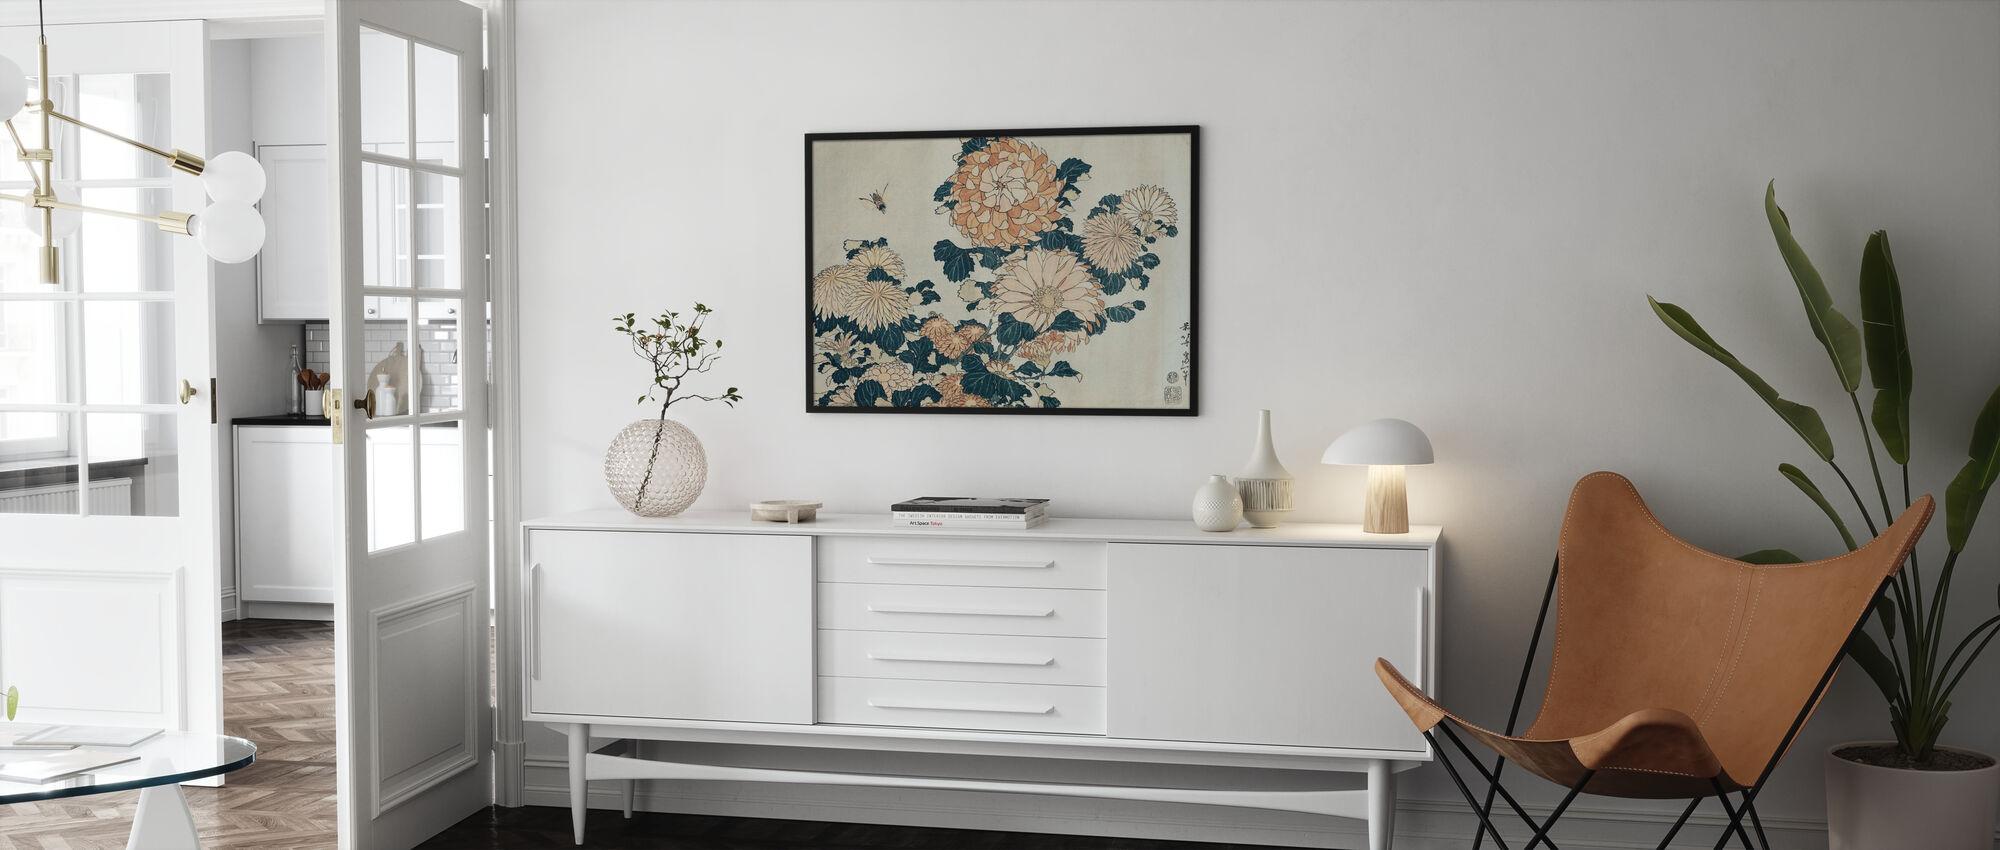 Chrysanthemums, Katsushika Hokusai - Framed print - Living Room